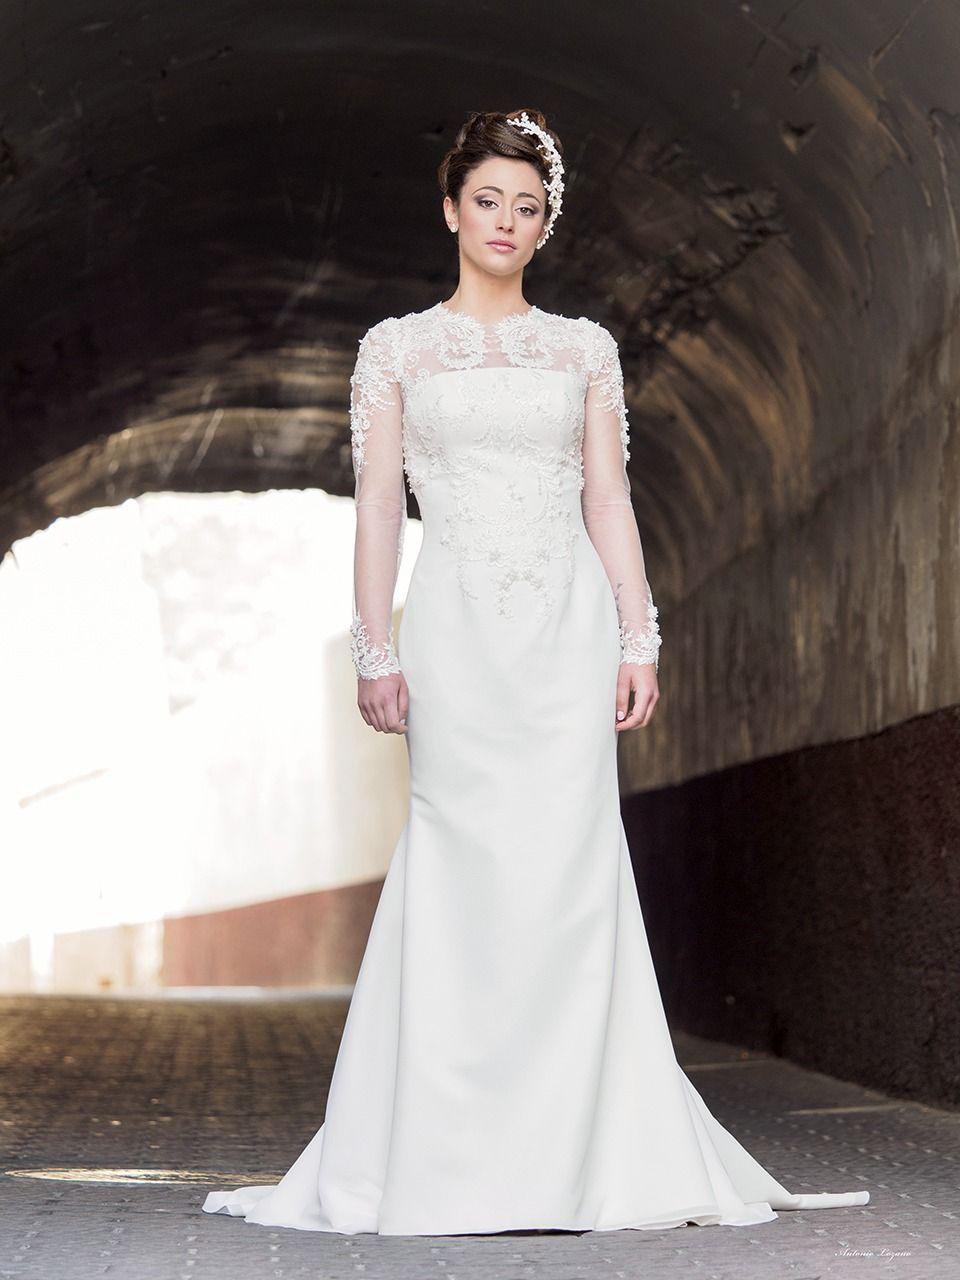 Vestidos y complementos de novia en Alicante